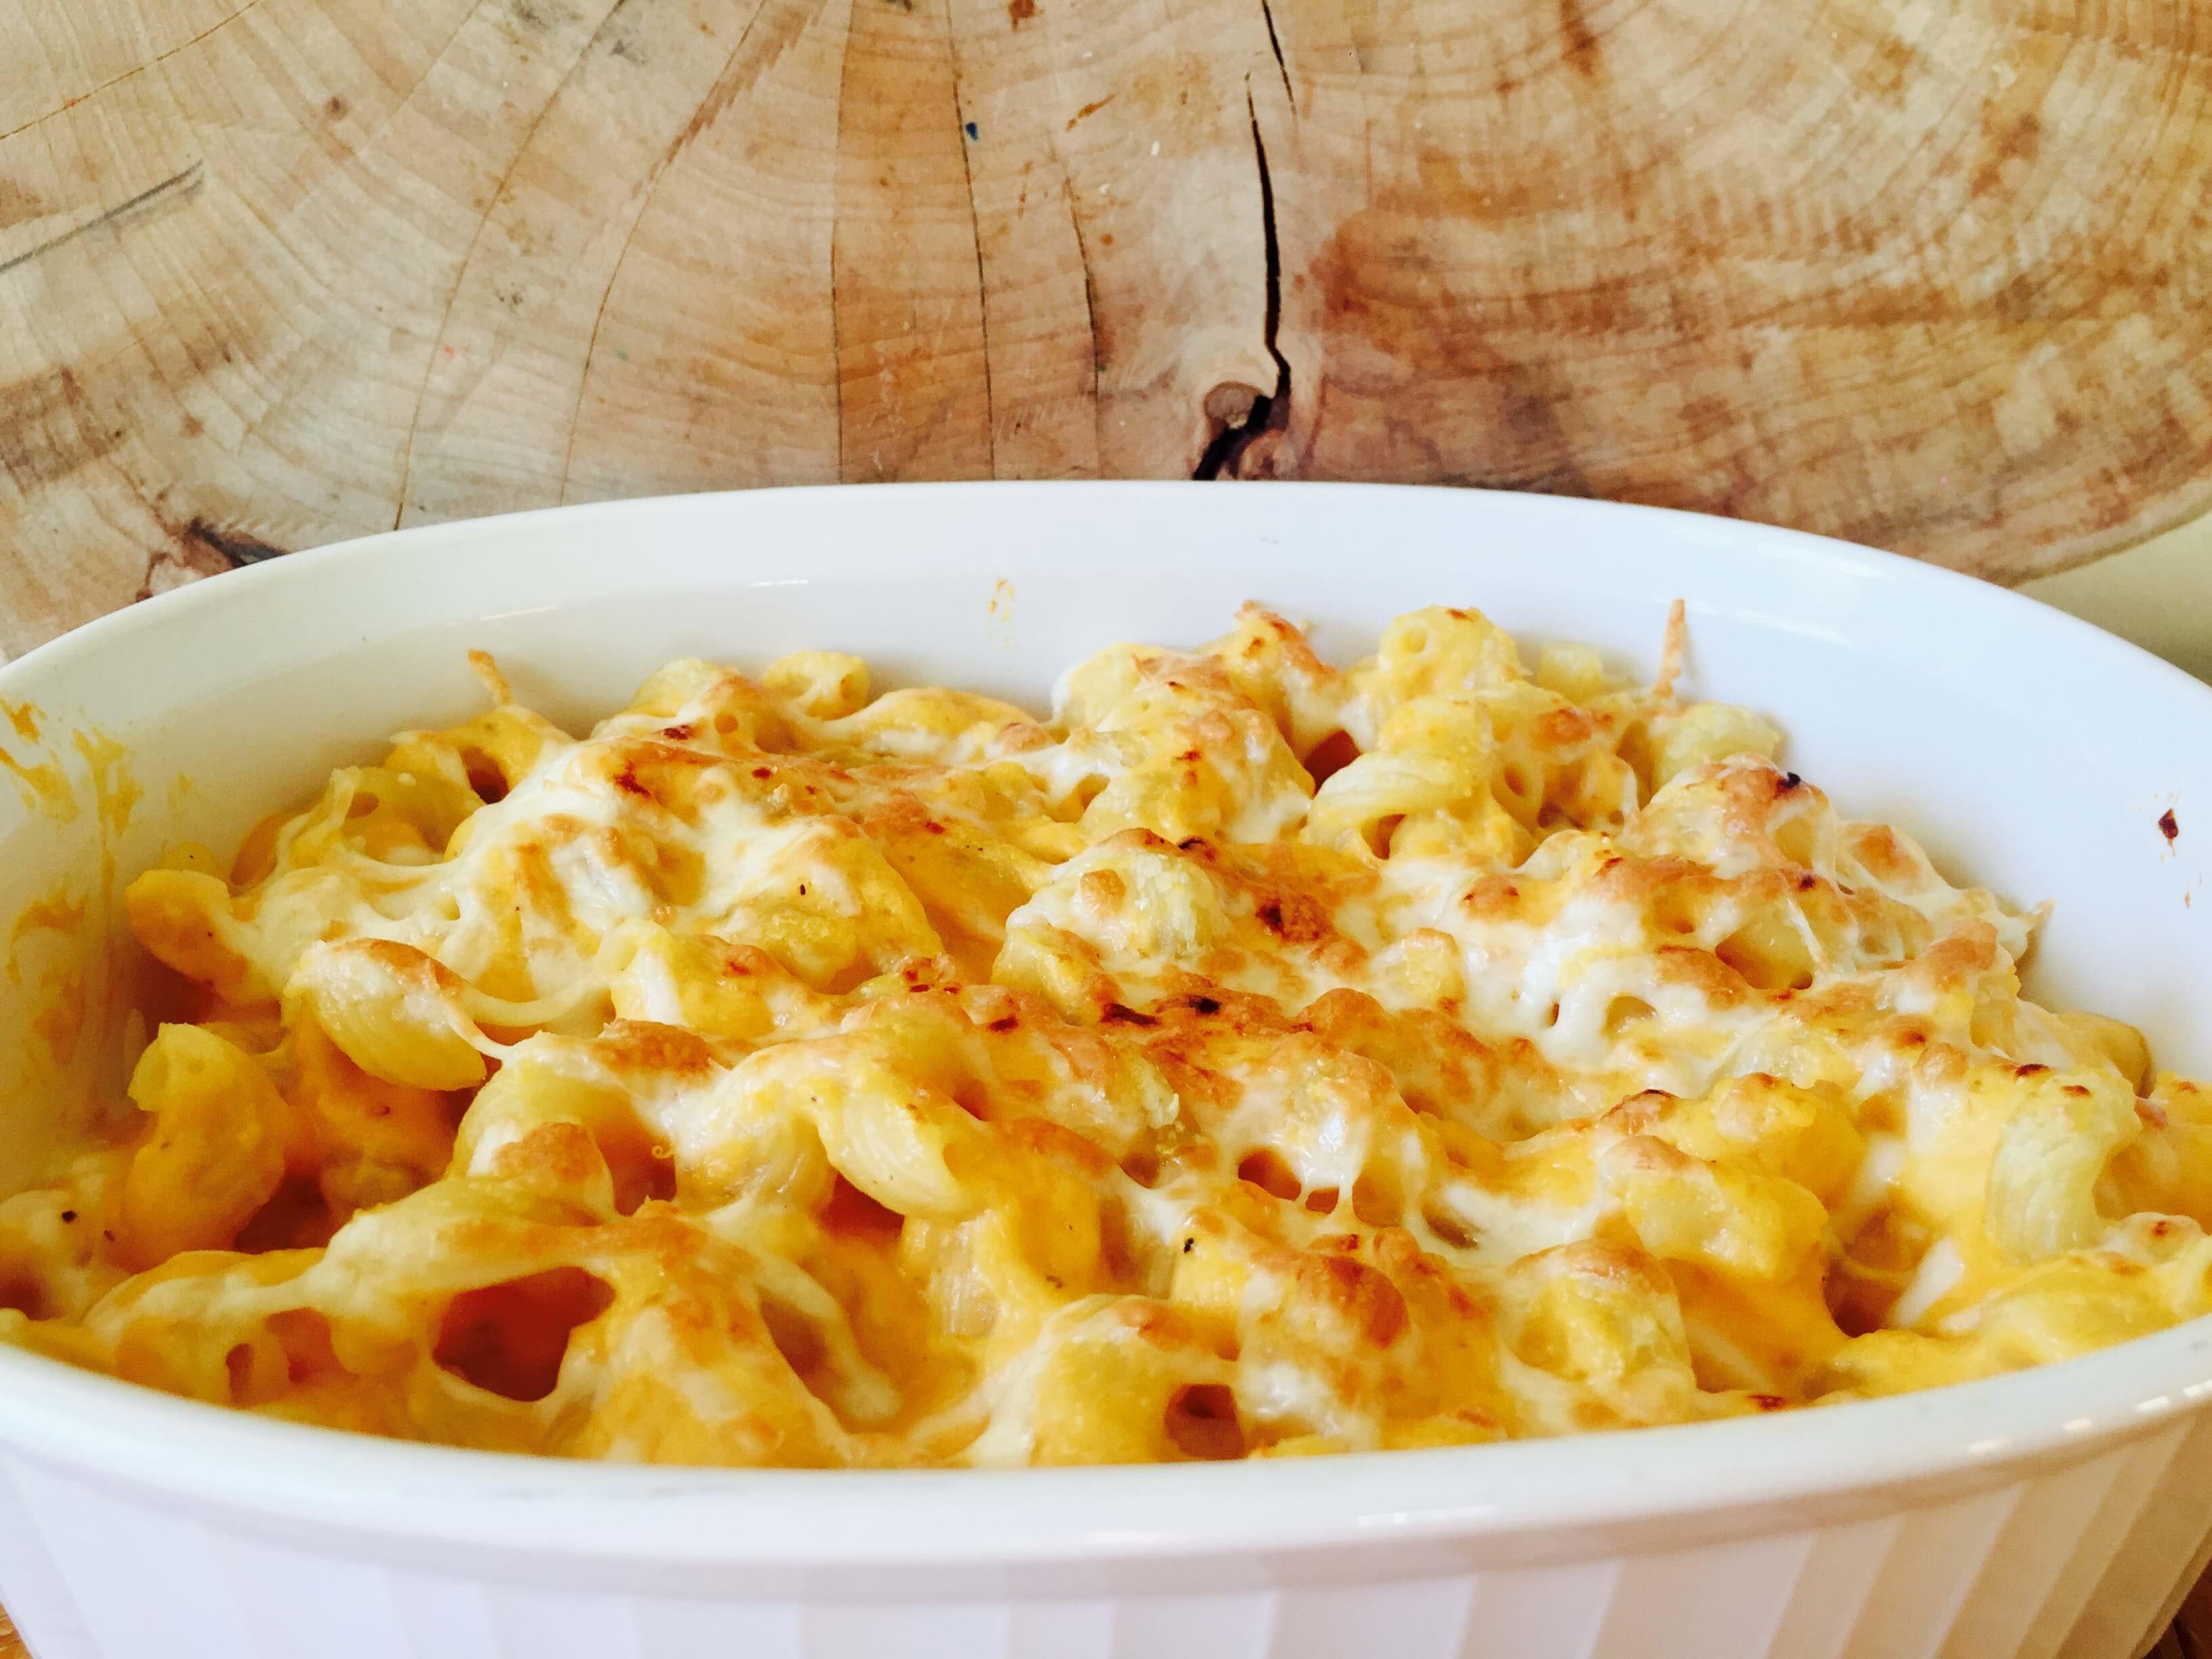 recettes sant nutrisimple macaroni au fromage et la patate douce. Black Bedroom Furniture Sets. Home Design Ideas